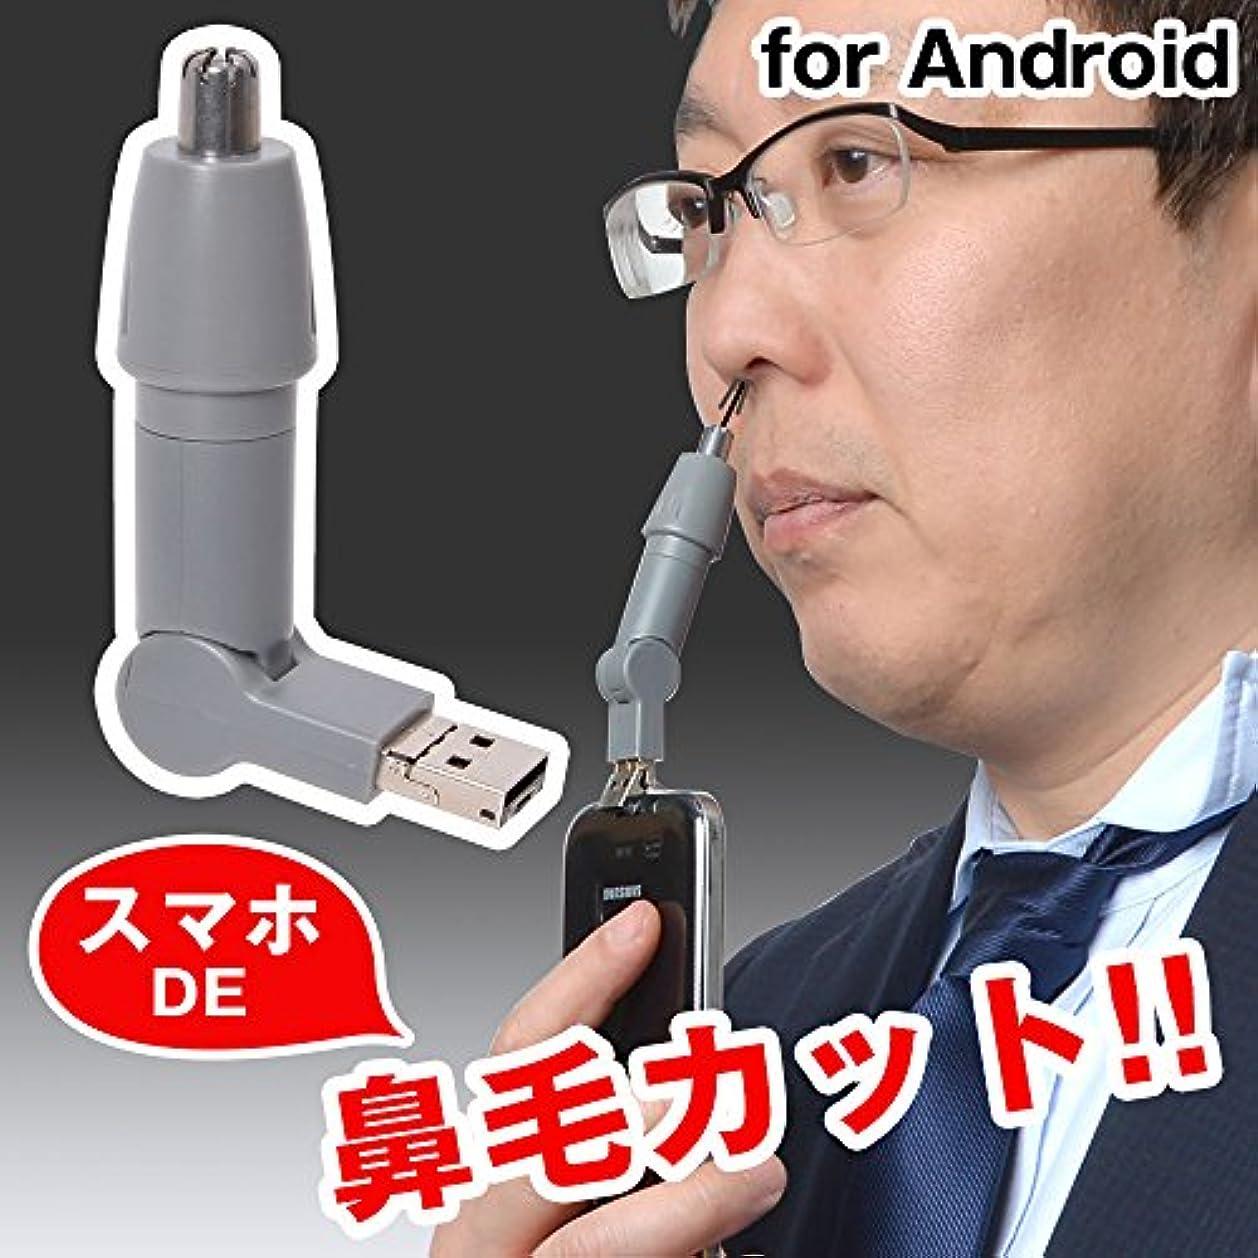 スカルクパーチナシティ調子スマホde鼻毛カッター ※日本語マニュアル付き サンコーレアモノショップ (for Android)